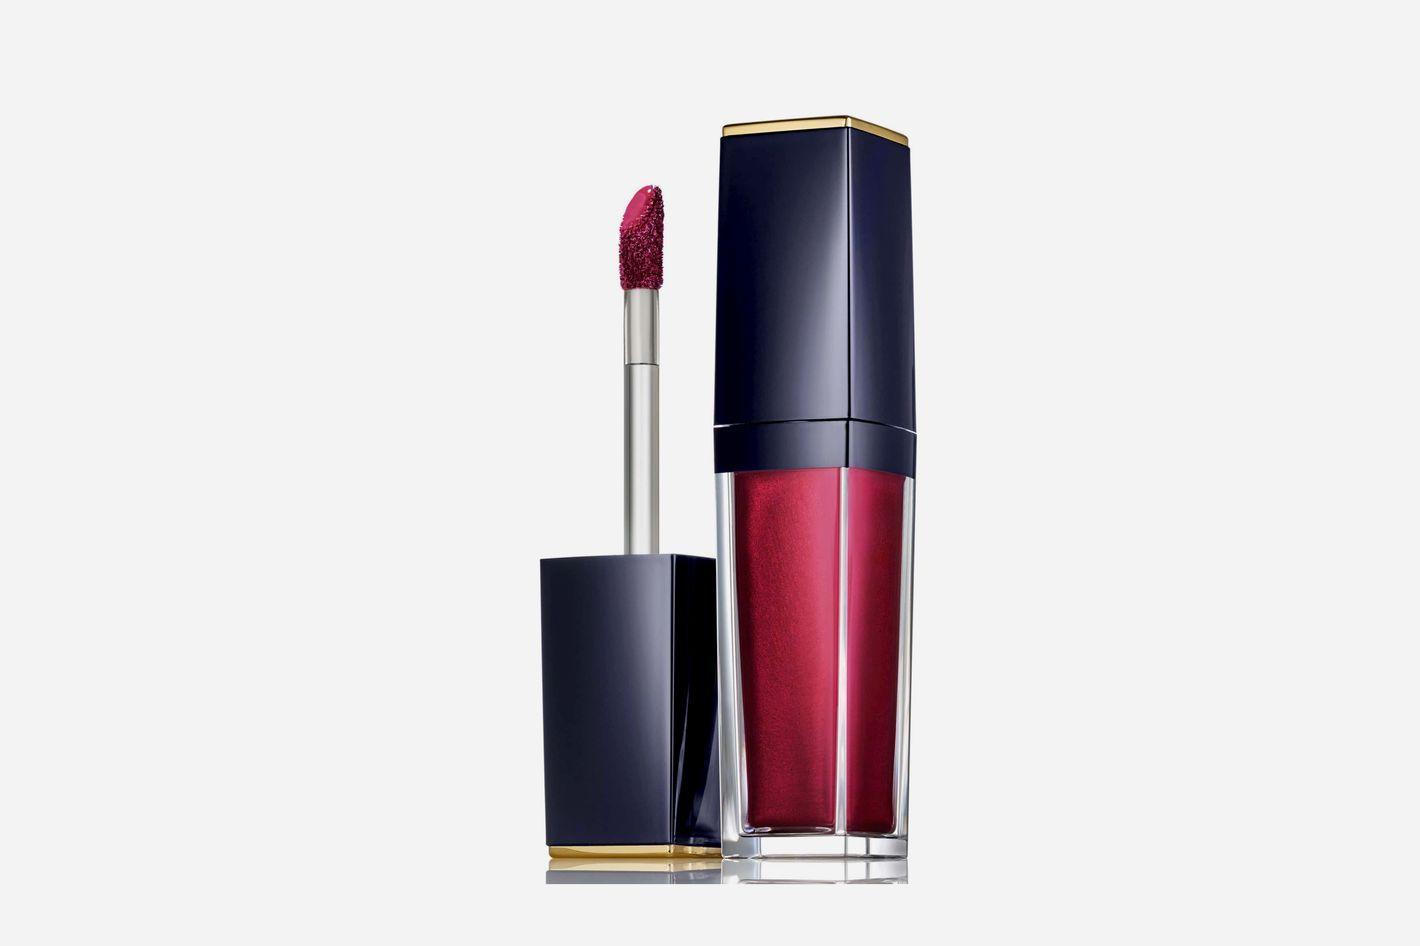 Violette La Dangereuse Liquid Lip Color in La Dangereuse